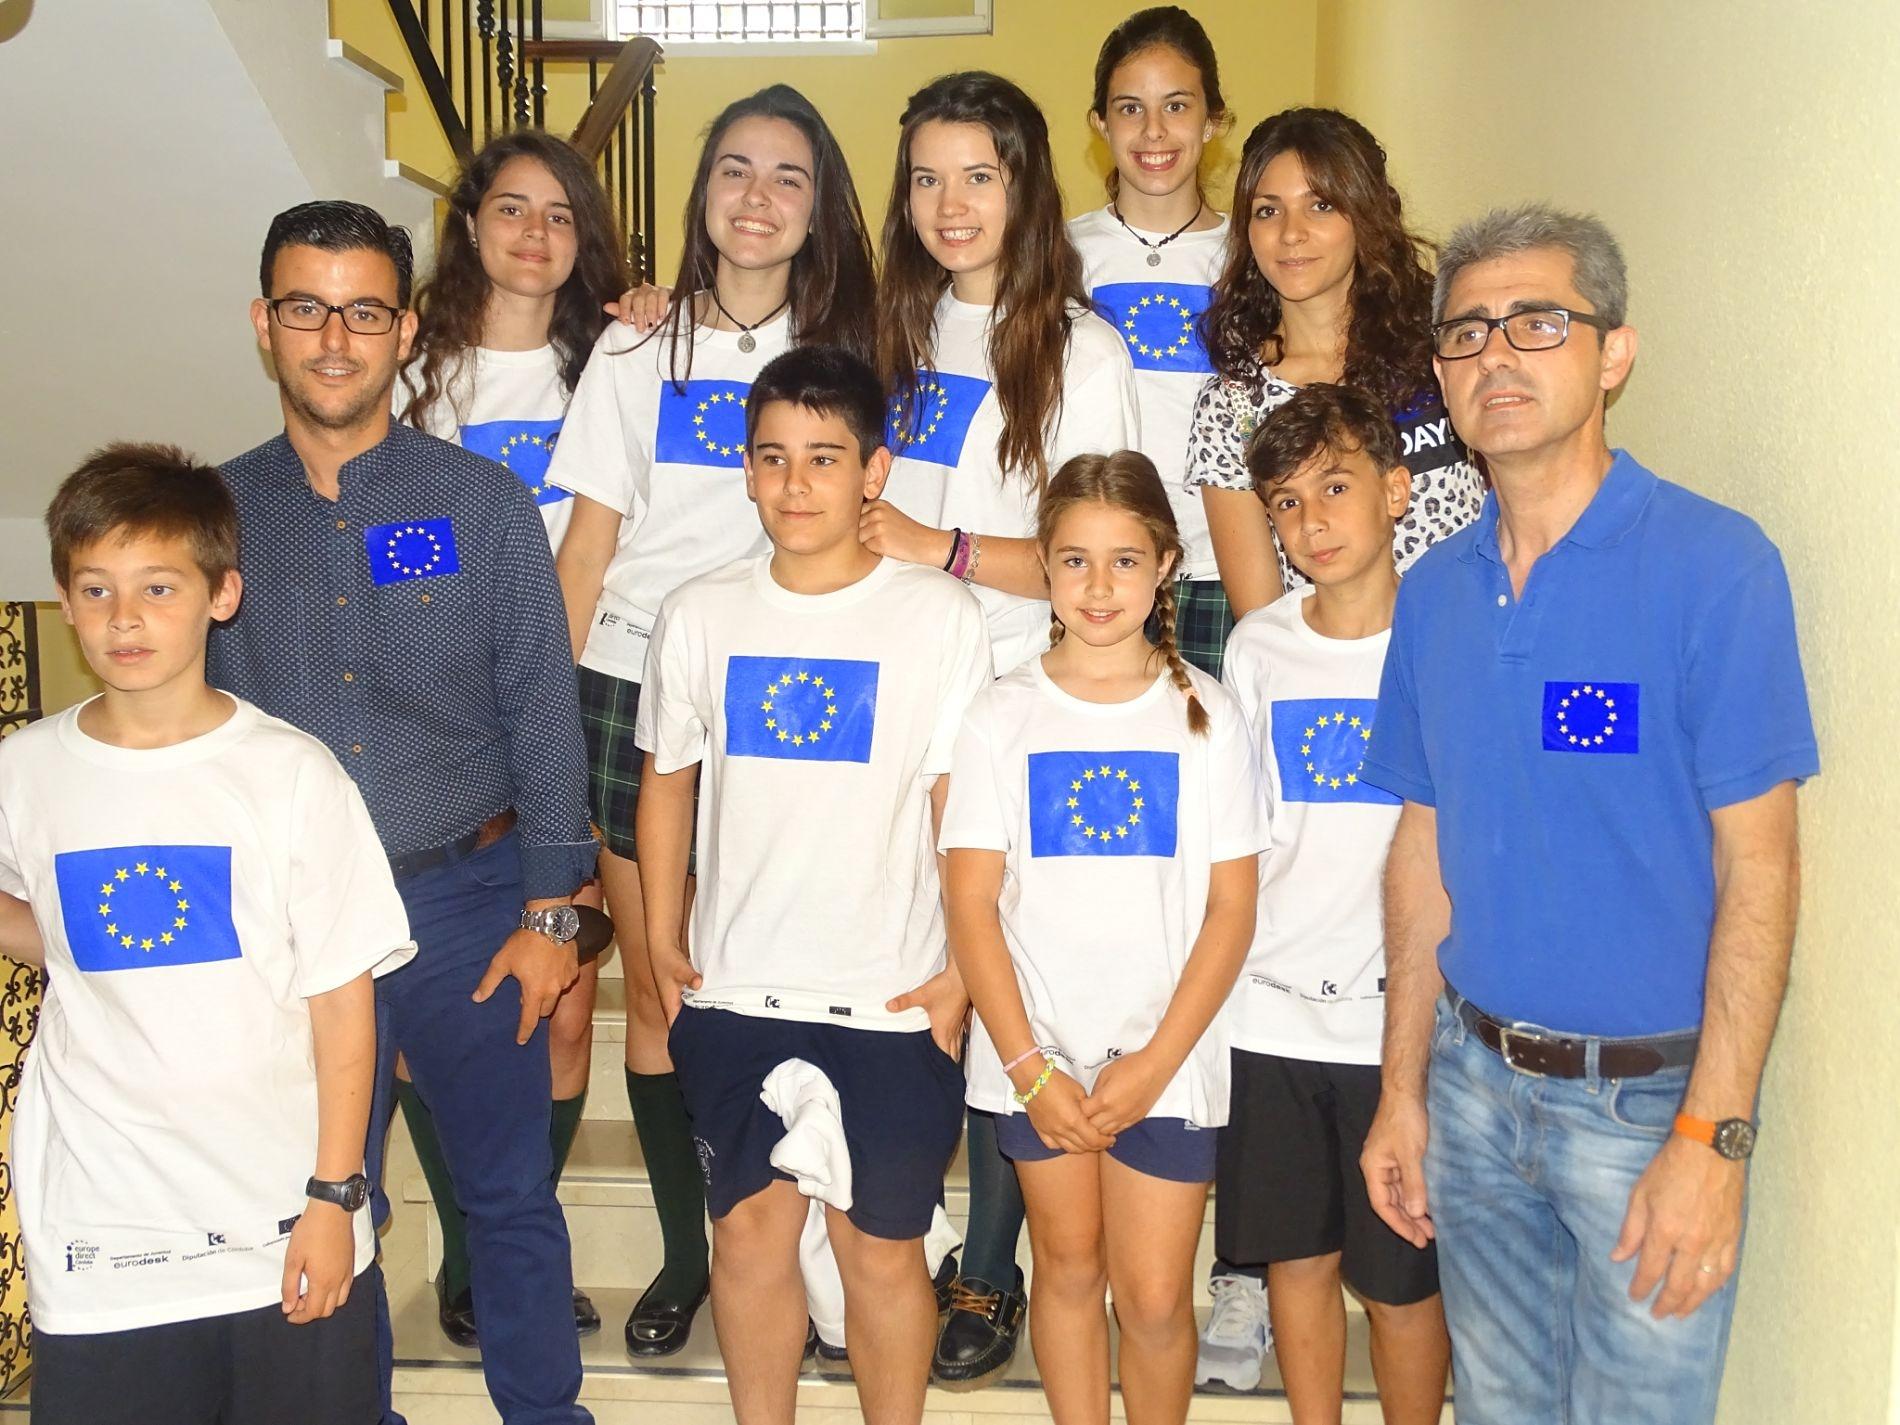 Día de Europa 2015, Colegio Nuestra Señora de la Piedad, 8 de mayo.